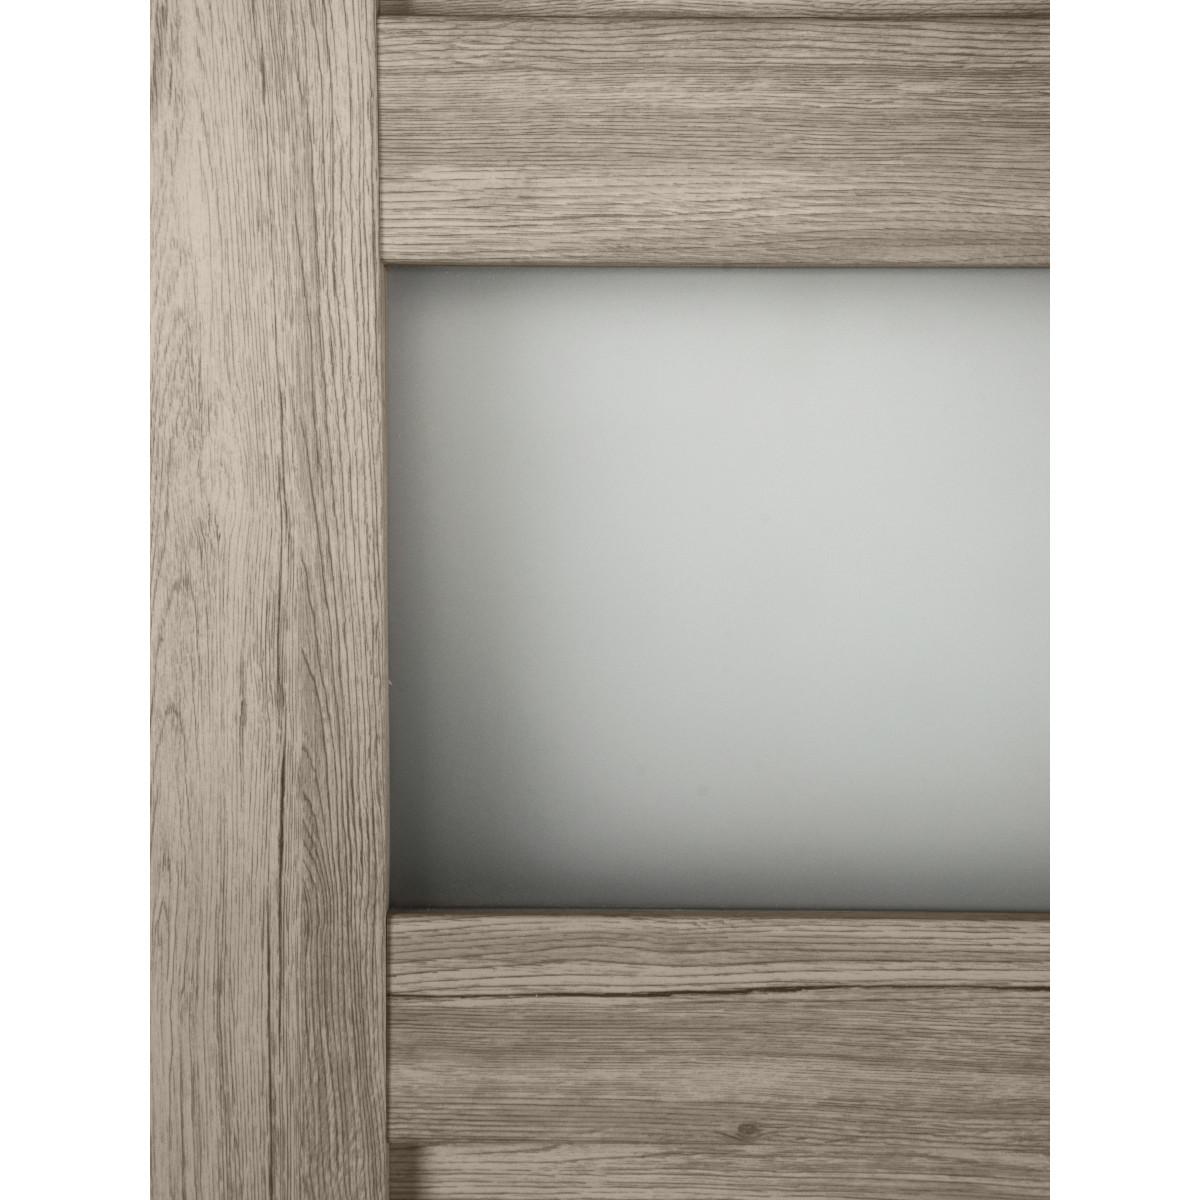 Дверь Межкомнатная Остеклённая Прэсто 70Х200 Пвх Цвет Дуб Санремо Светлый С Фурнитурой